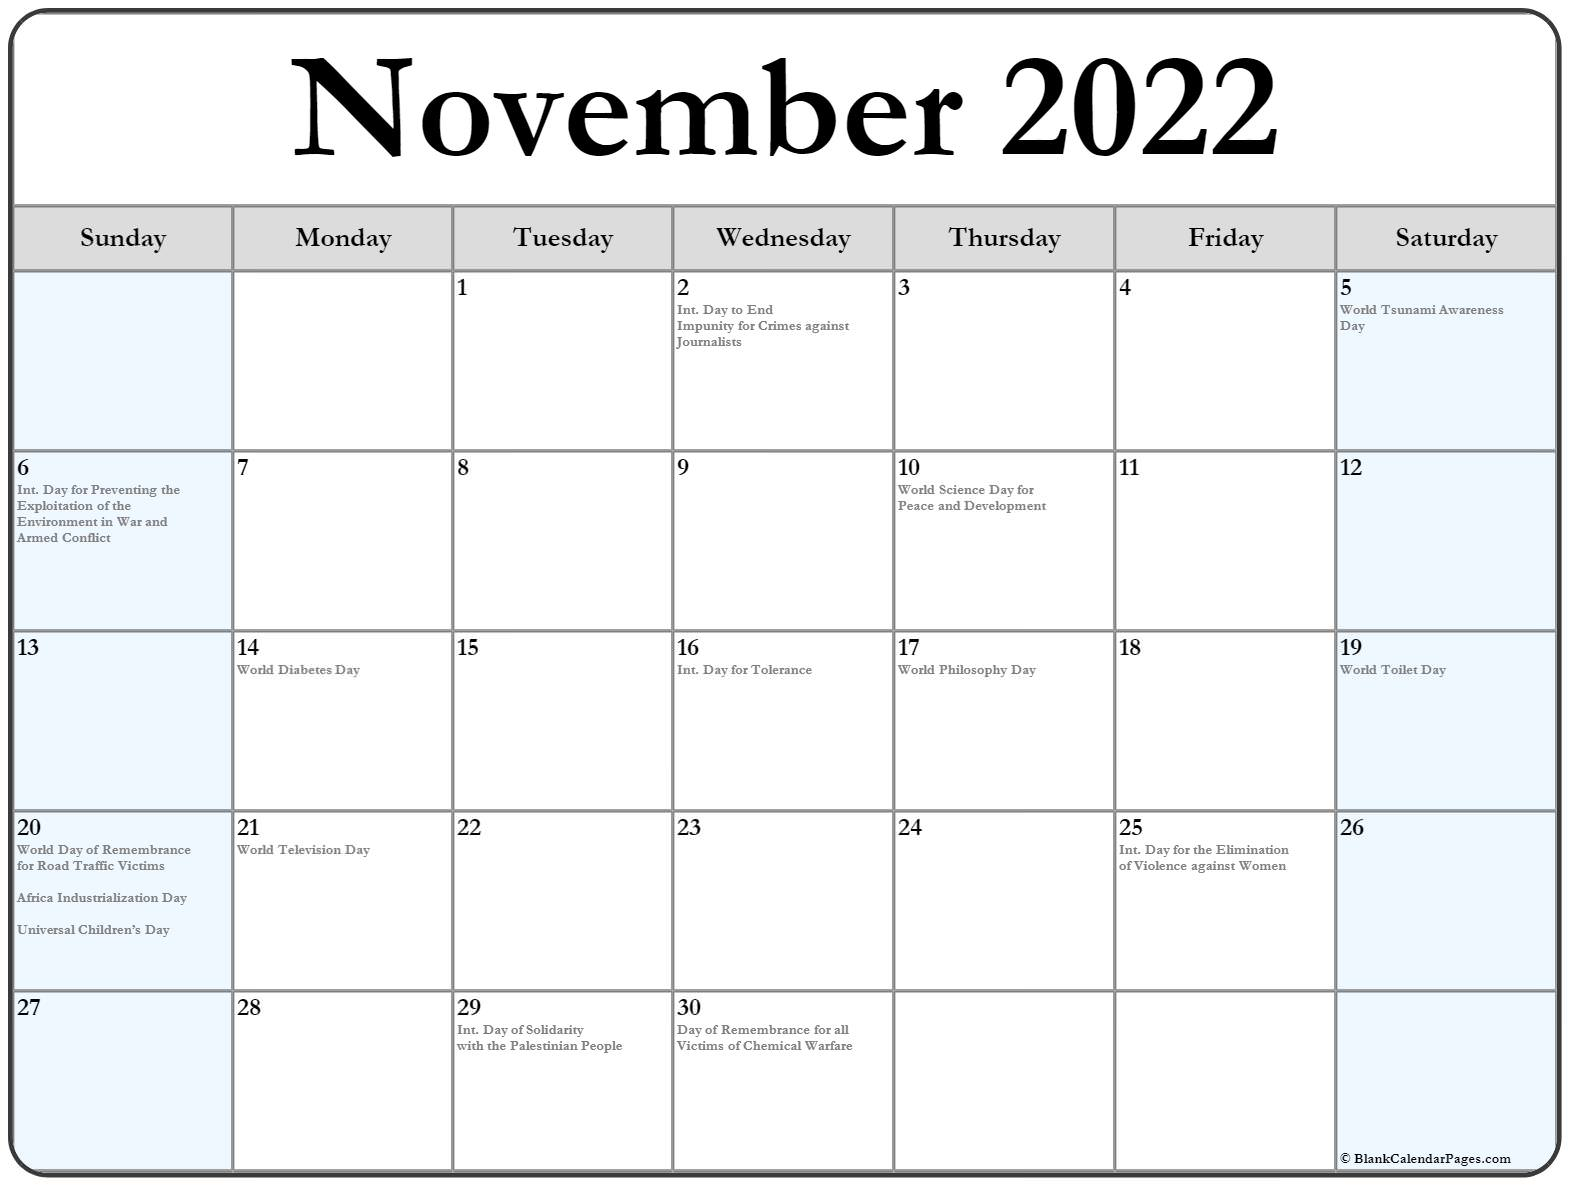 Lego November 2022 Calendar.November 2022 With Holidays Calendar